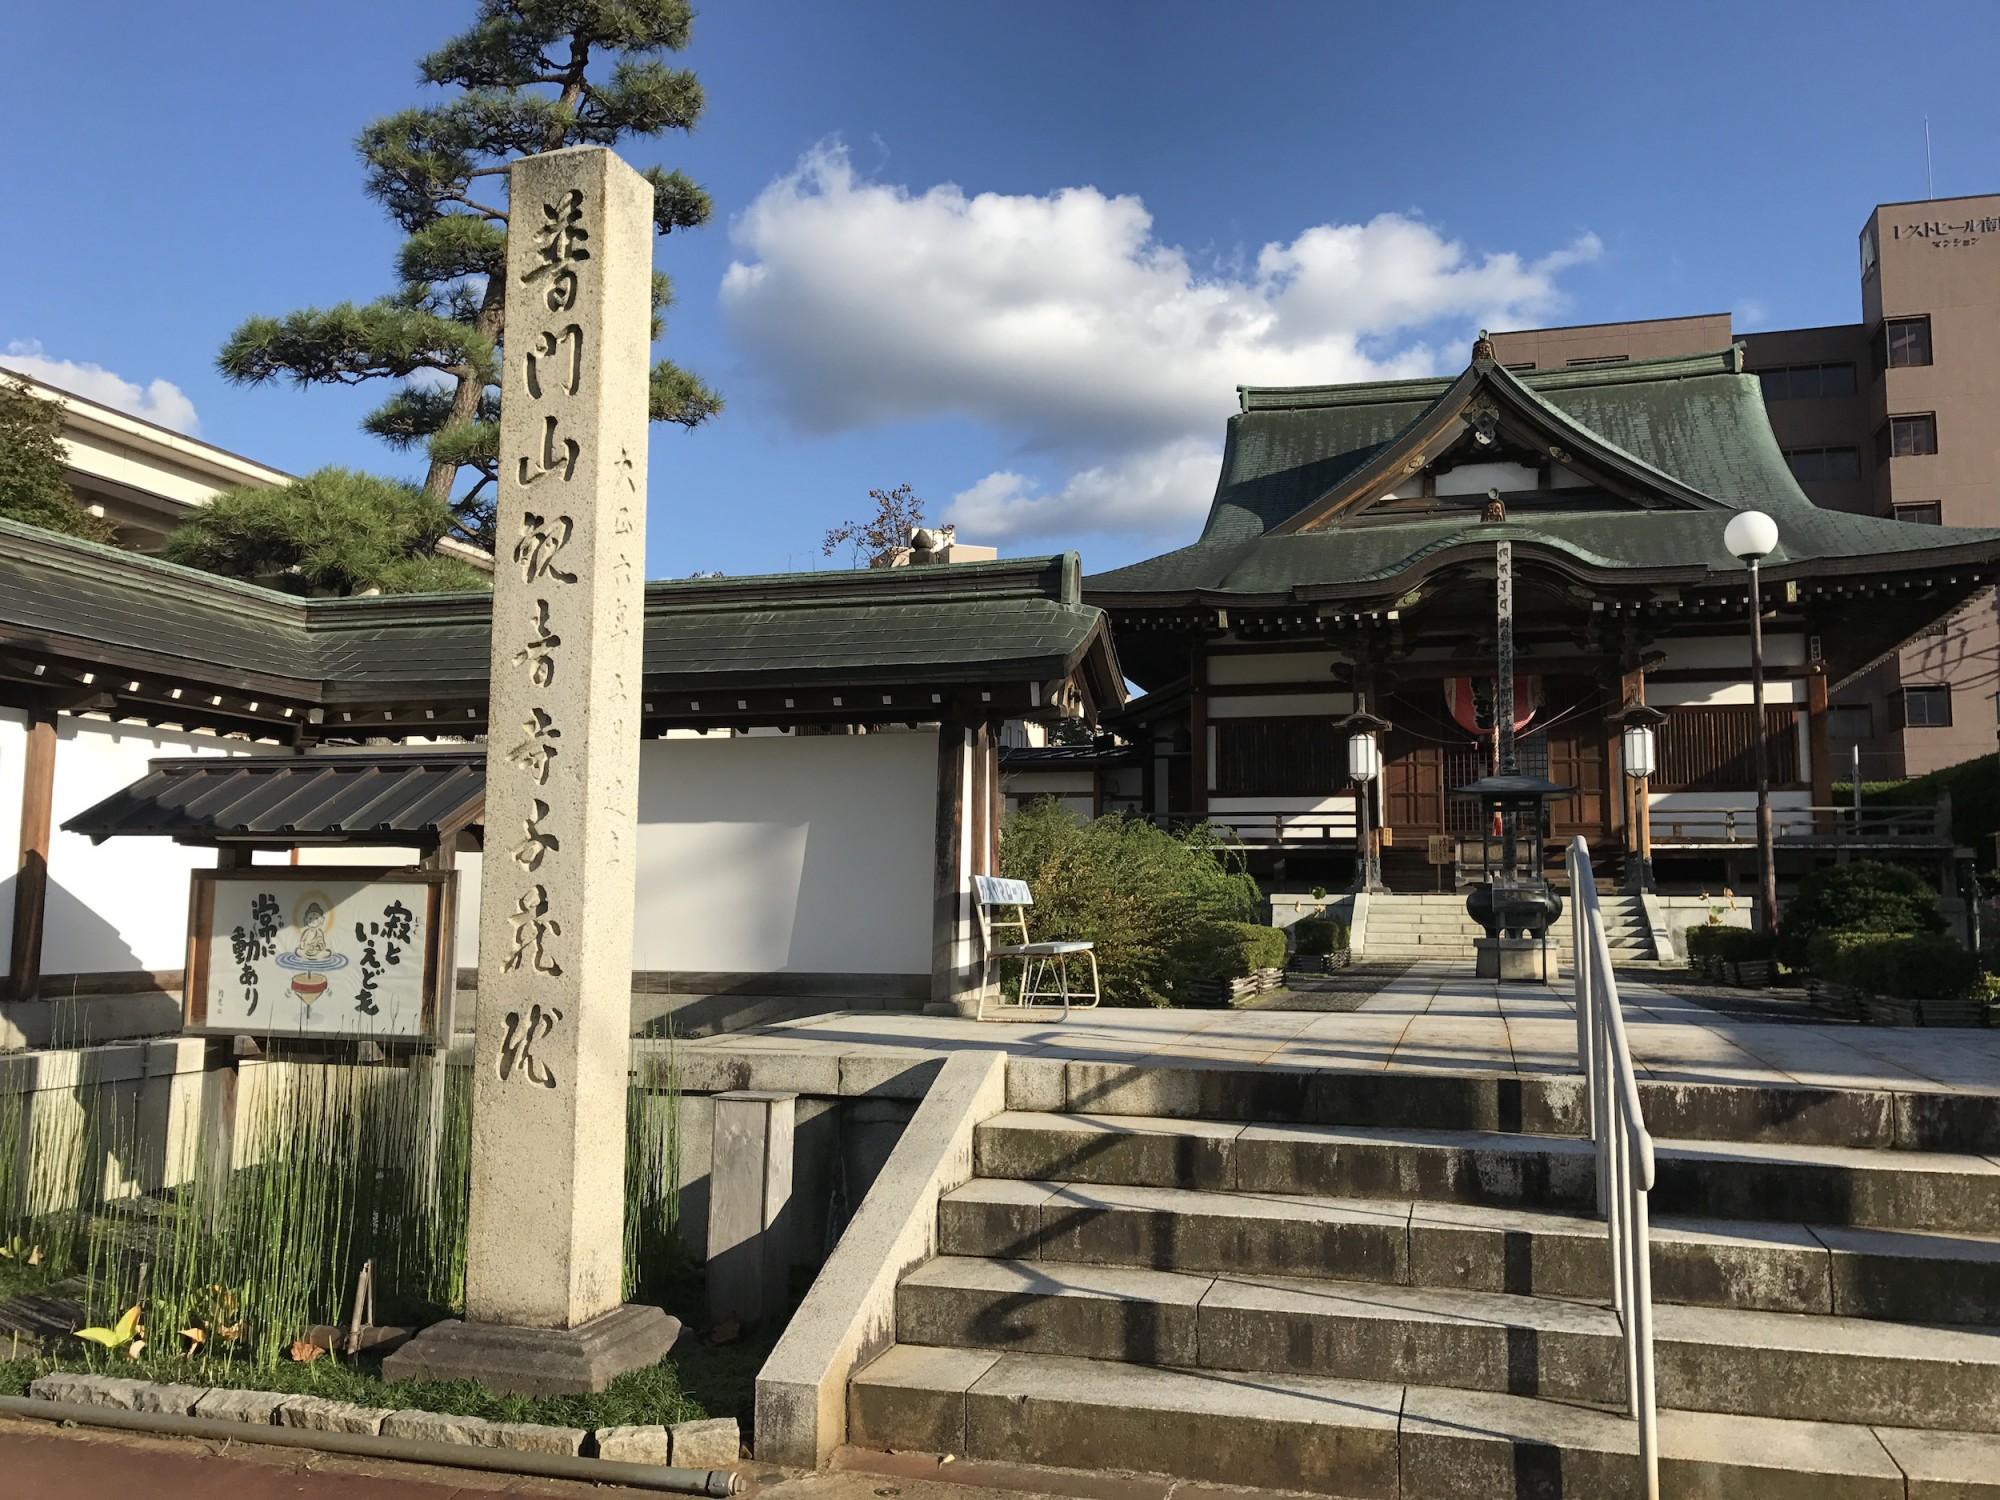 02お寺の外観(正面)